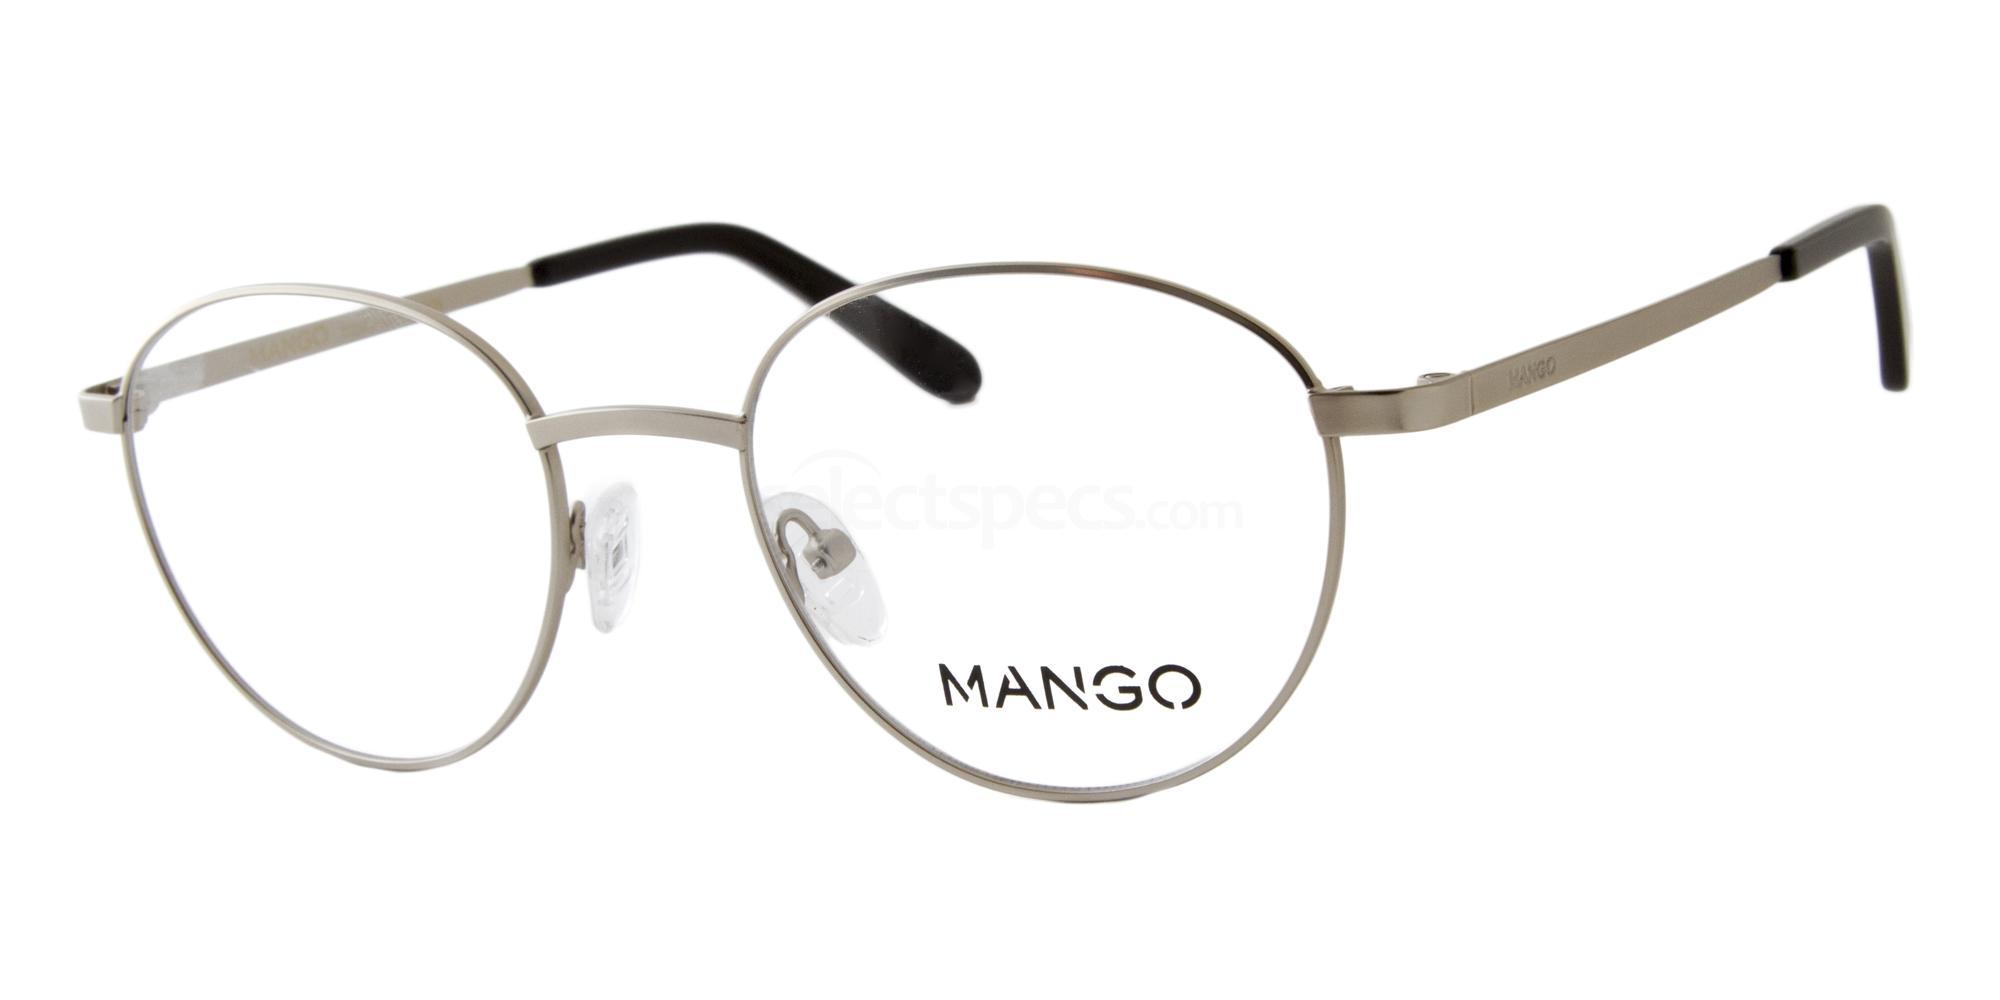 C1 MNG1833 Glasses, MANGO